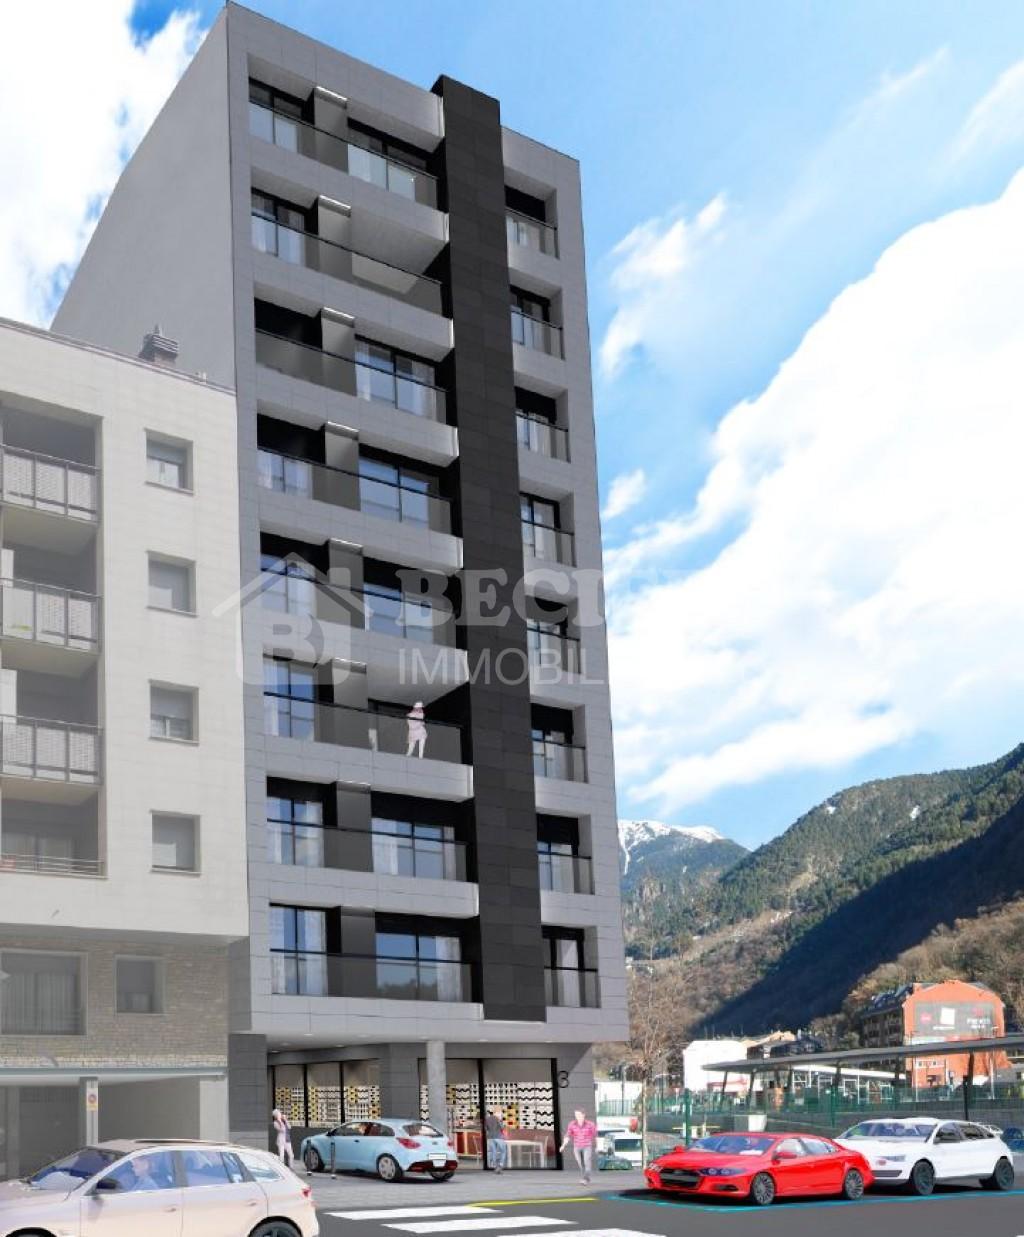 Pis en venda a Andorra la Vella, 1 habitació, 56 metres